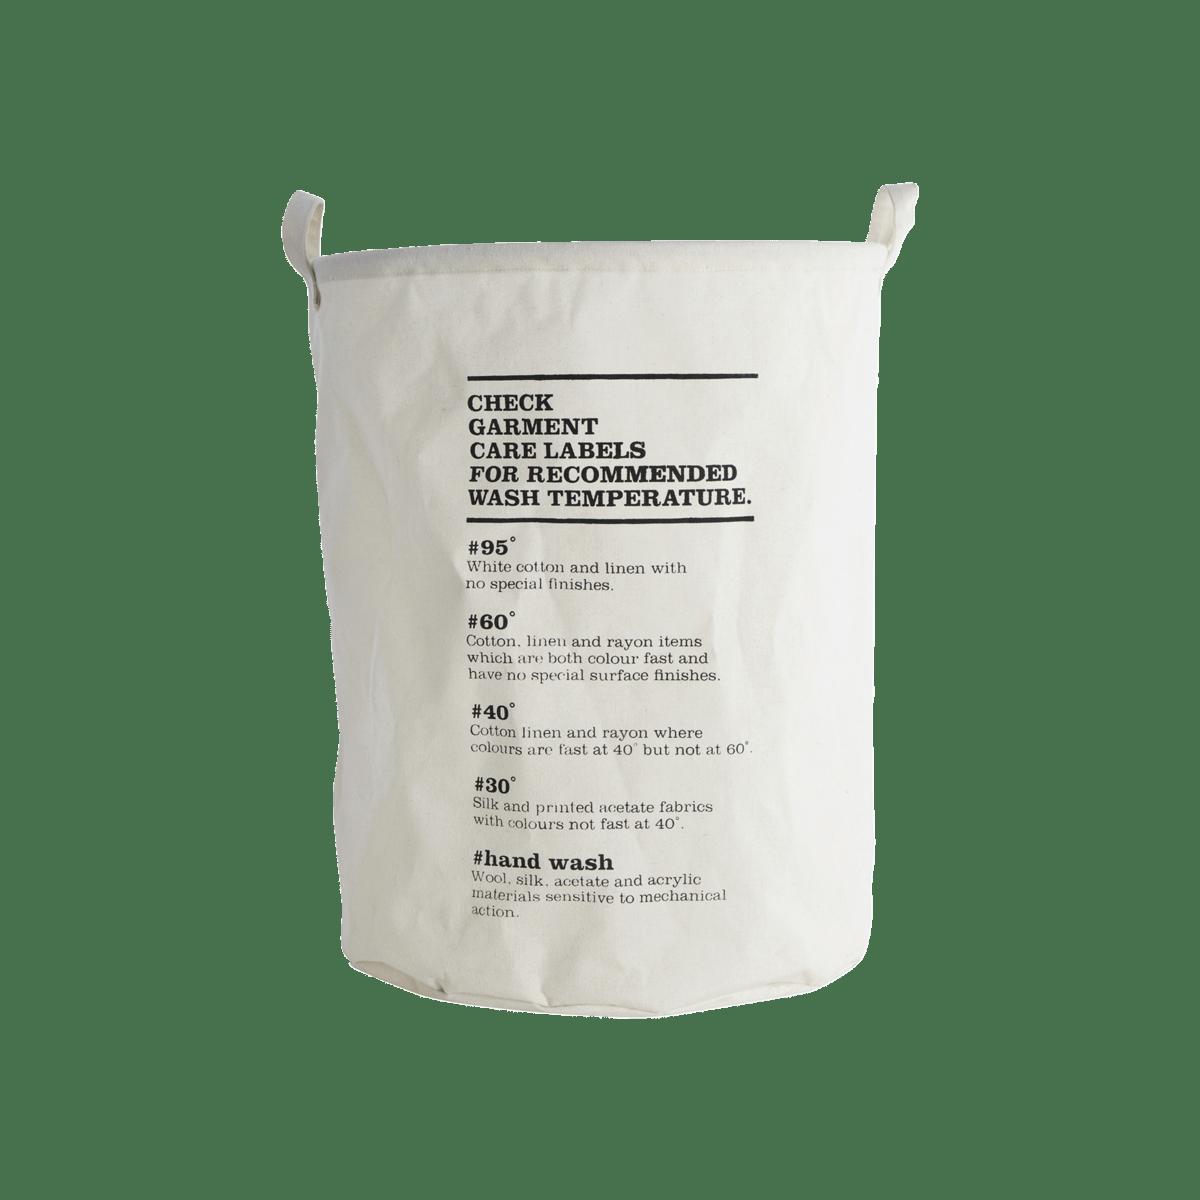 Sada 2 ks − Bílý pytel na prádlo Wask Instructions